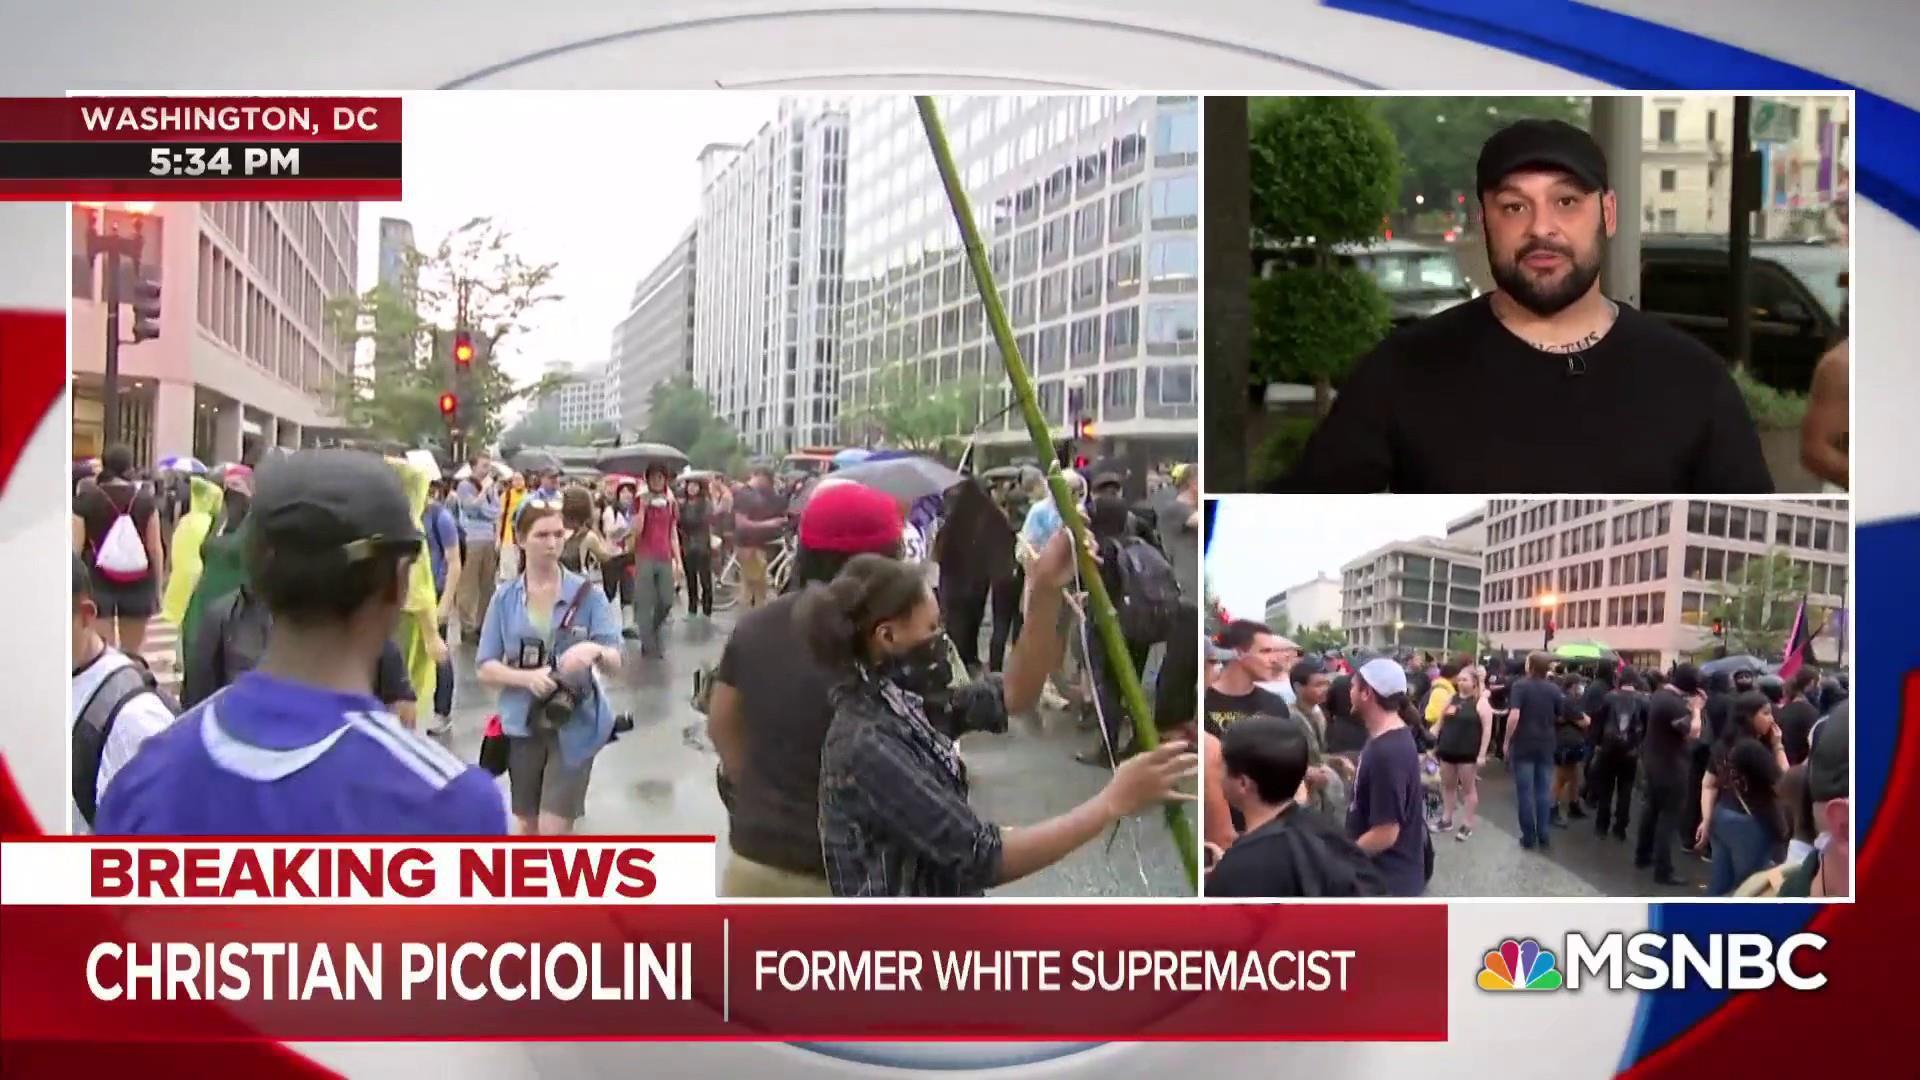 Fmr White Supremacist: Charlottesville protest leads went 'underground'